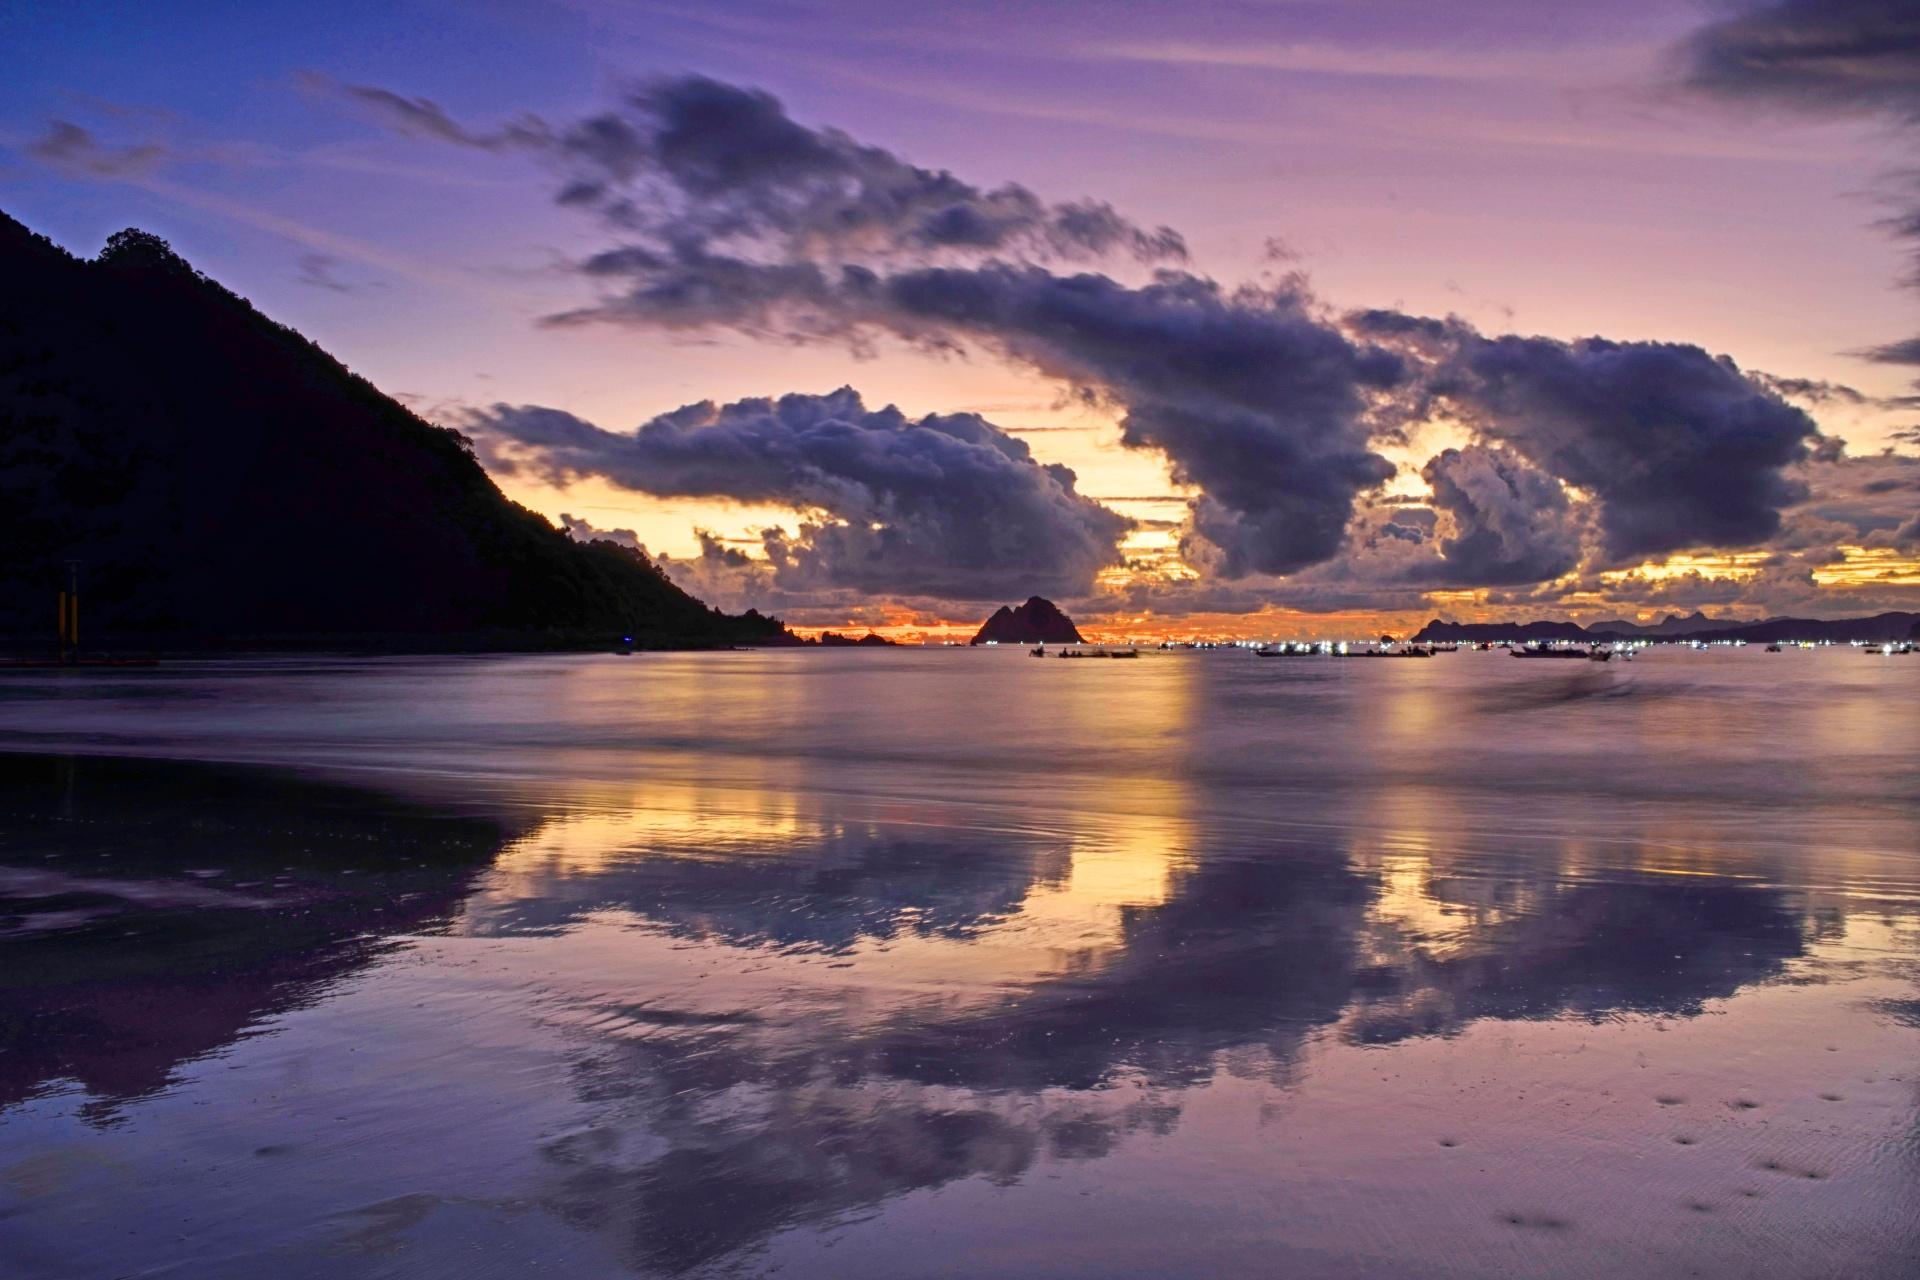 セロンベラナックビーチの夕暮れ インドネシアの風景